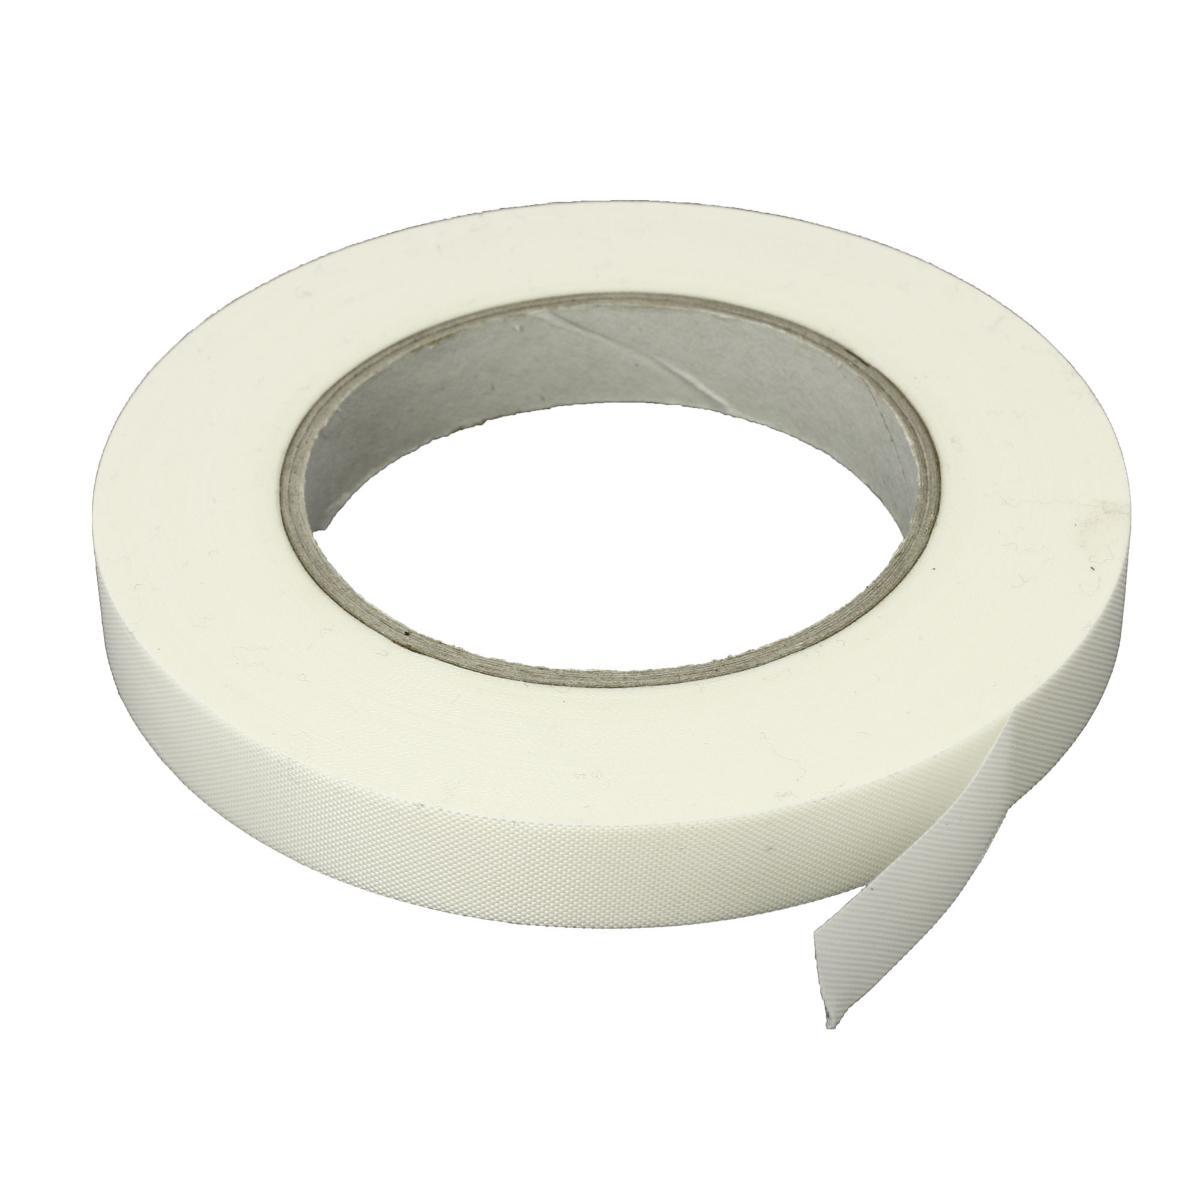 Ruban adhésif indéchirable blanc - Largeur 4 mm